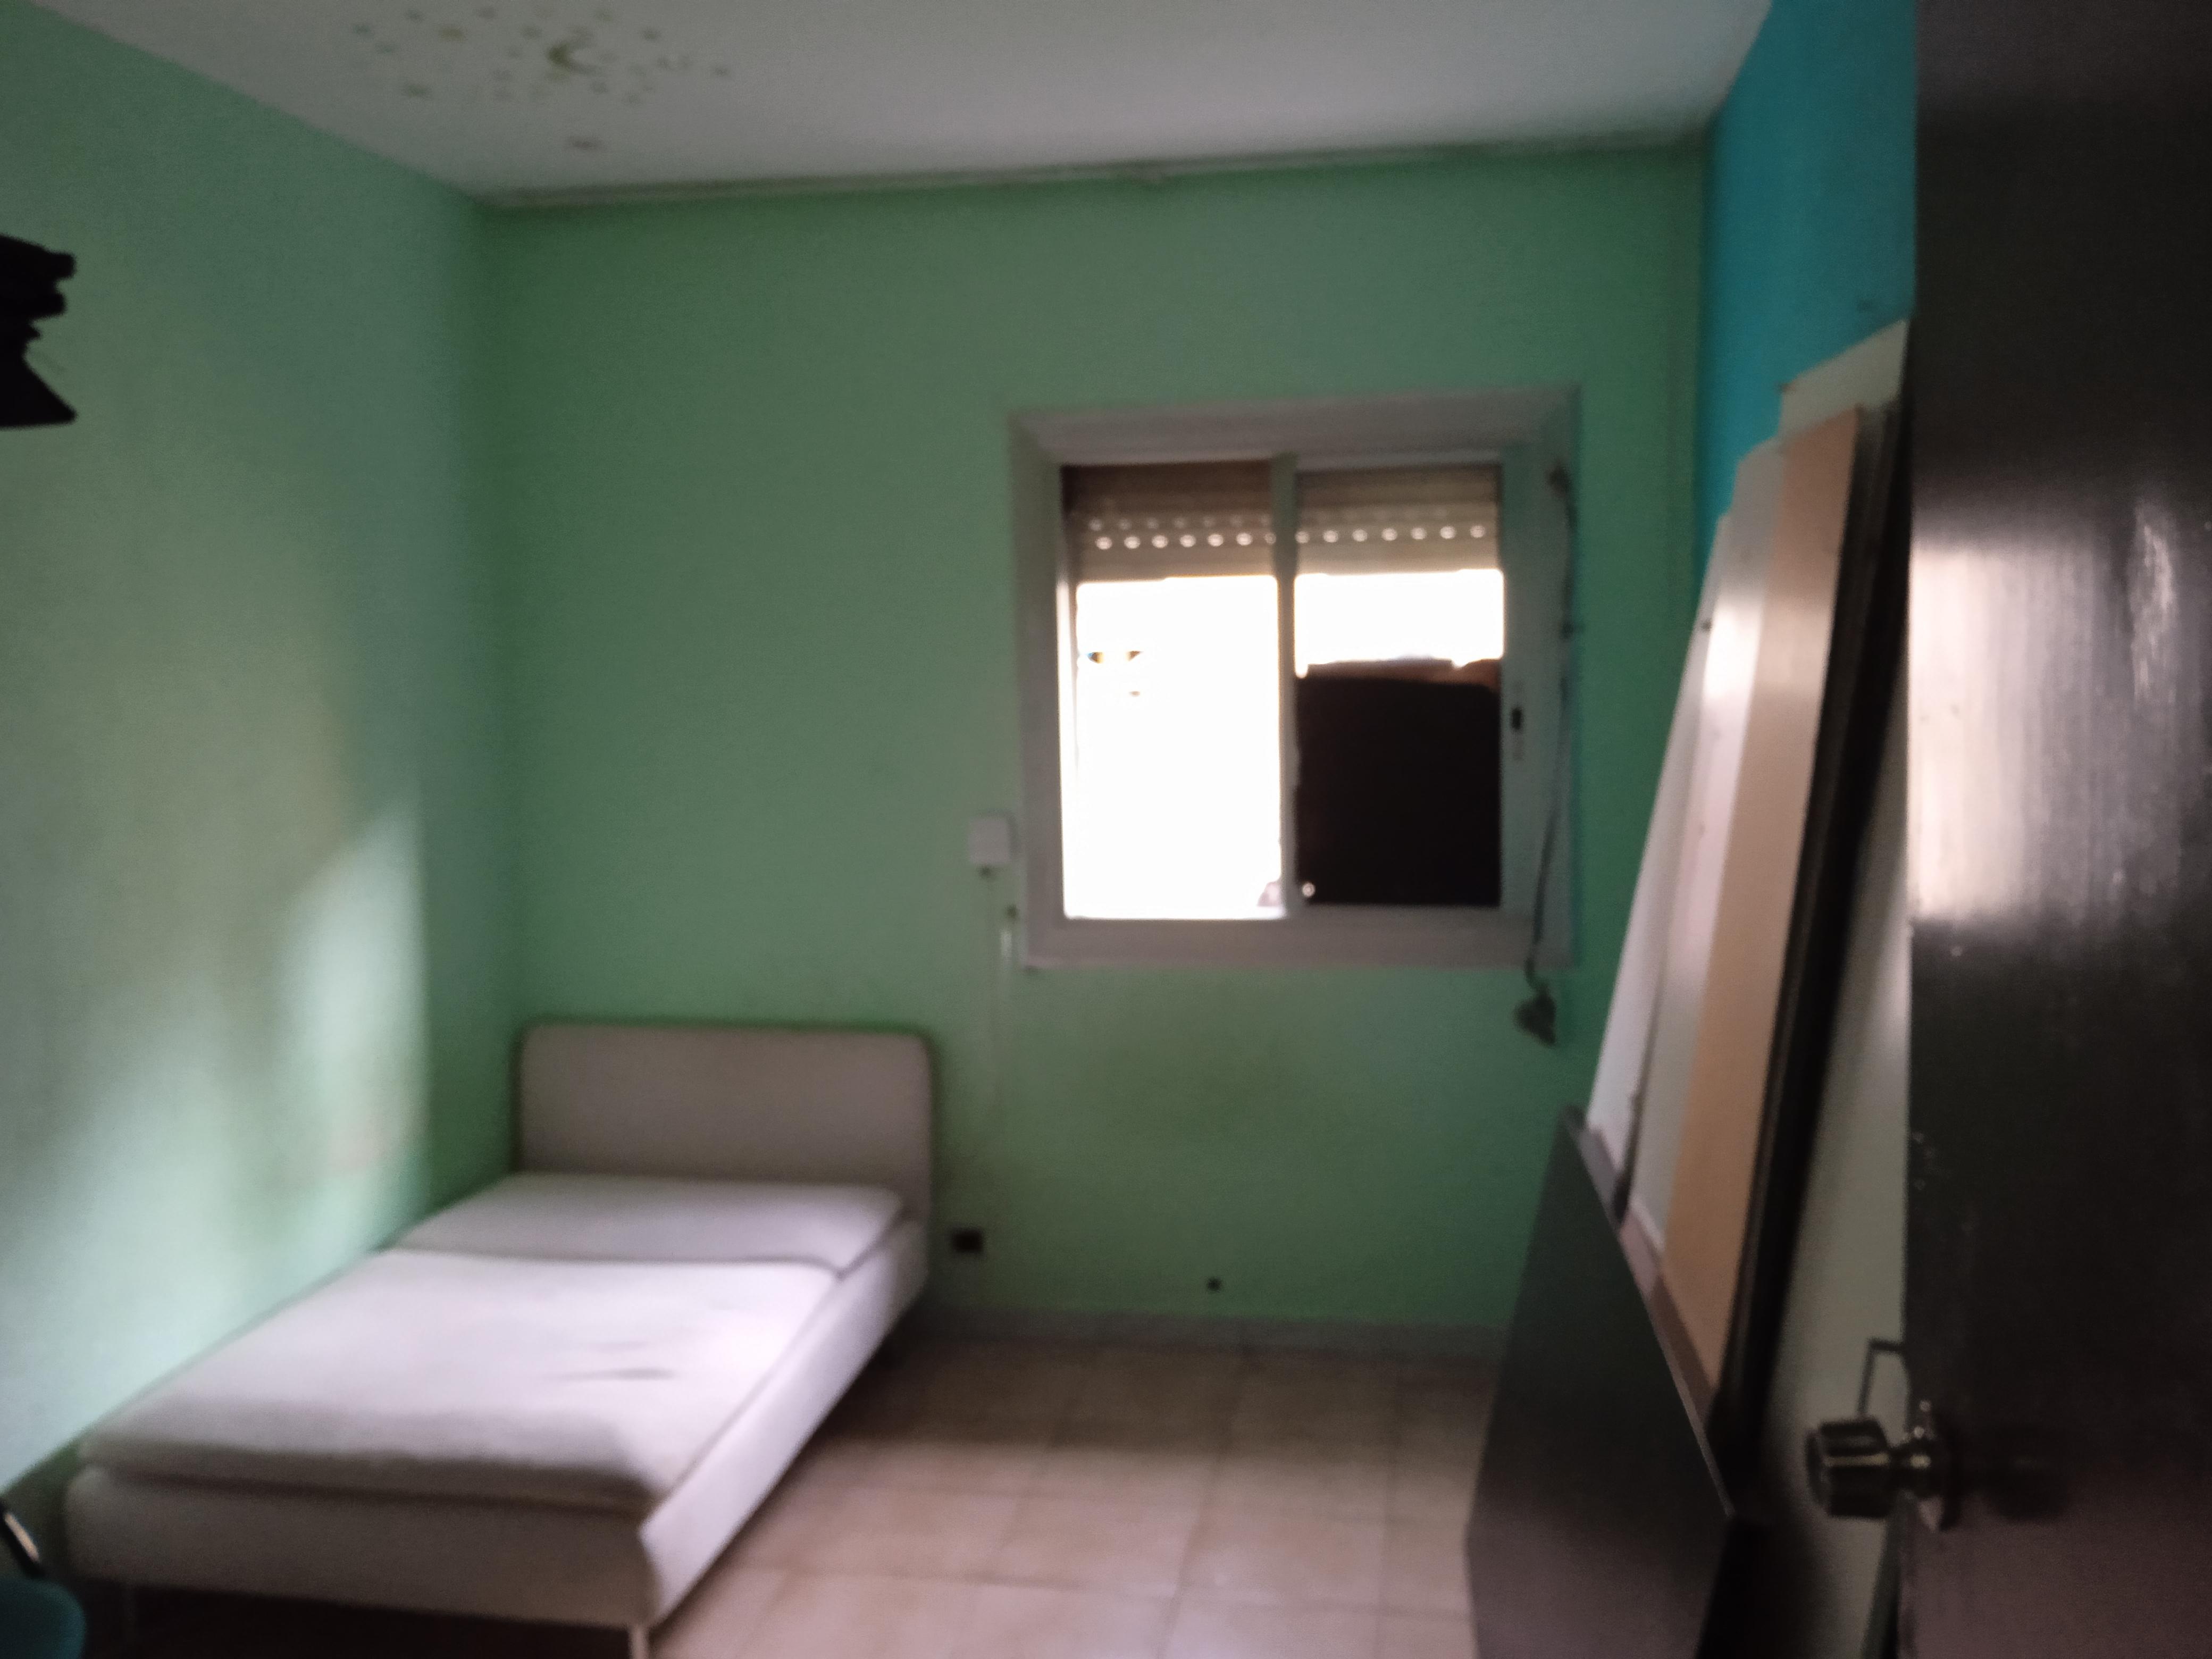 Piso en Pubilla cases en L'Hospitalet de llobregat en Venta por 104.000€